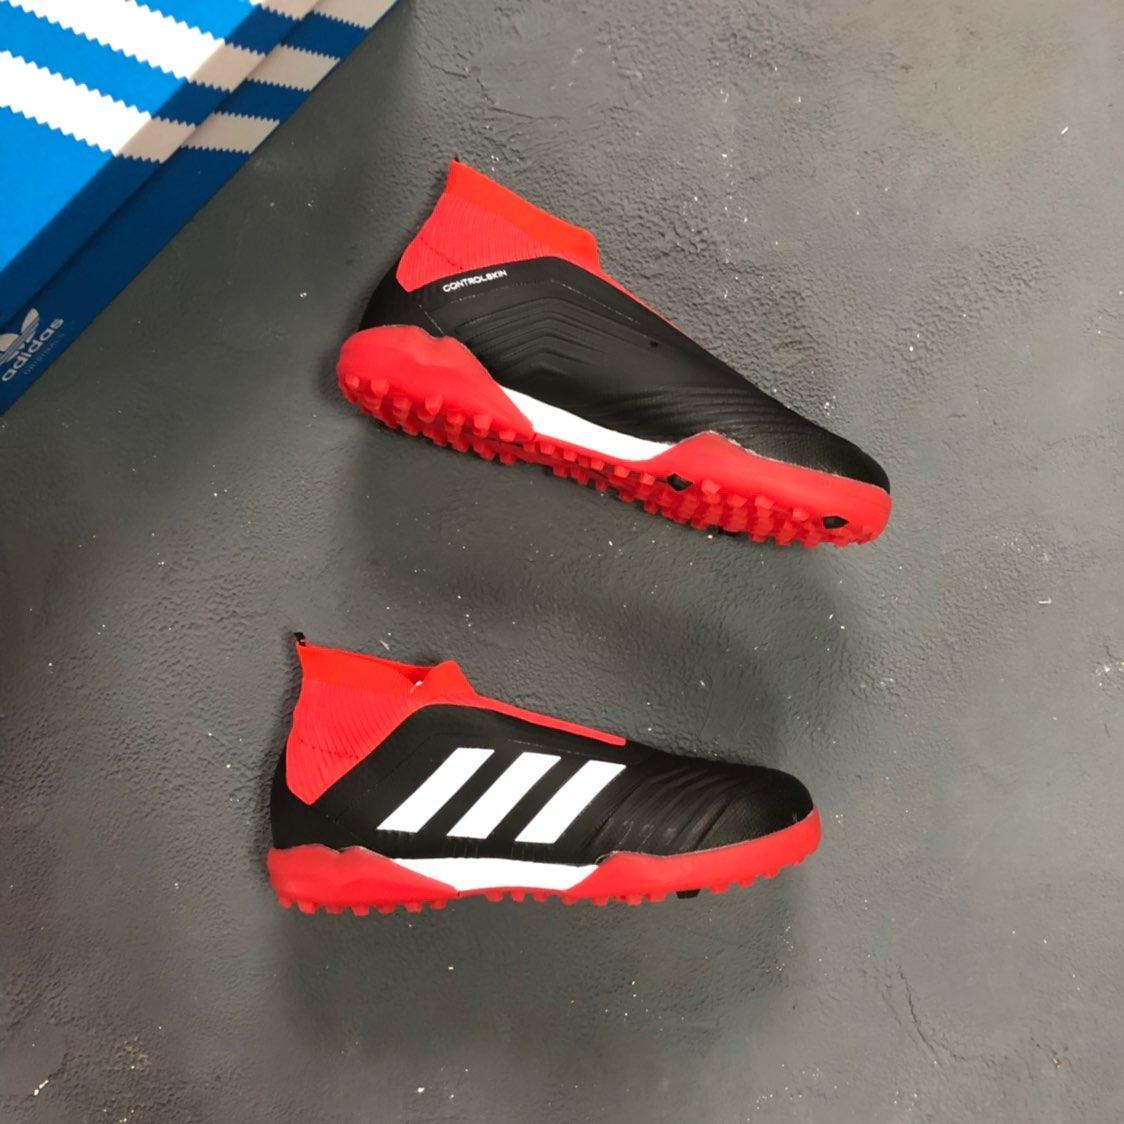 daf83e5f Купить Сороконожки Adidas Predator 18.3 в Киеве от